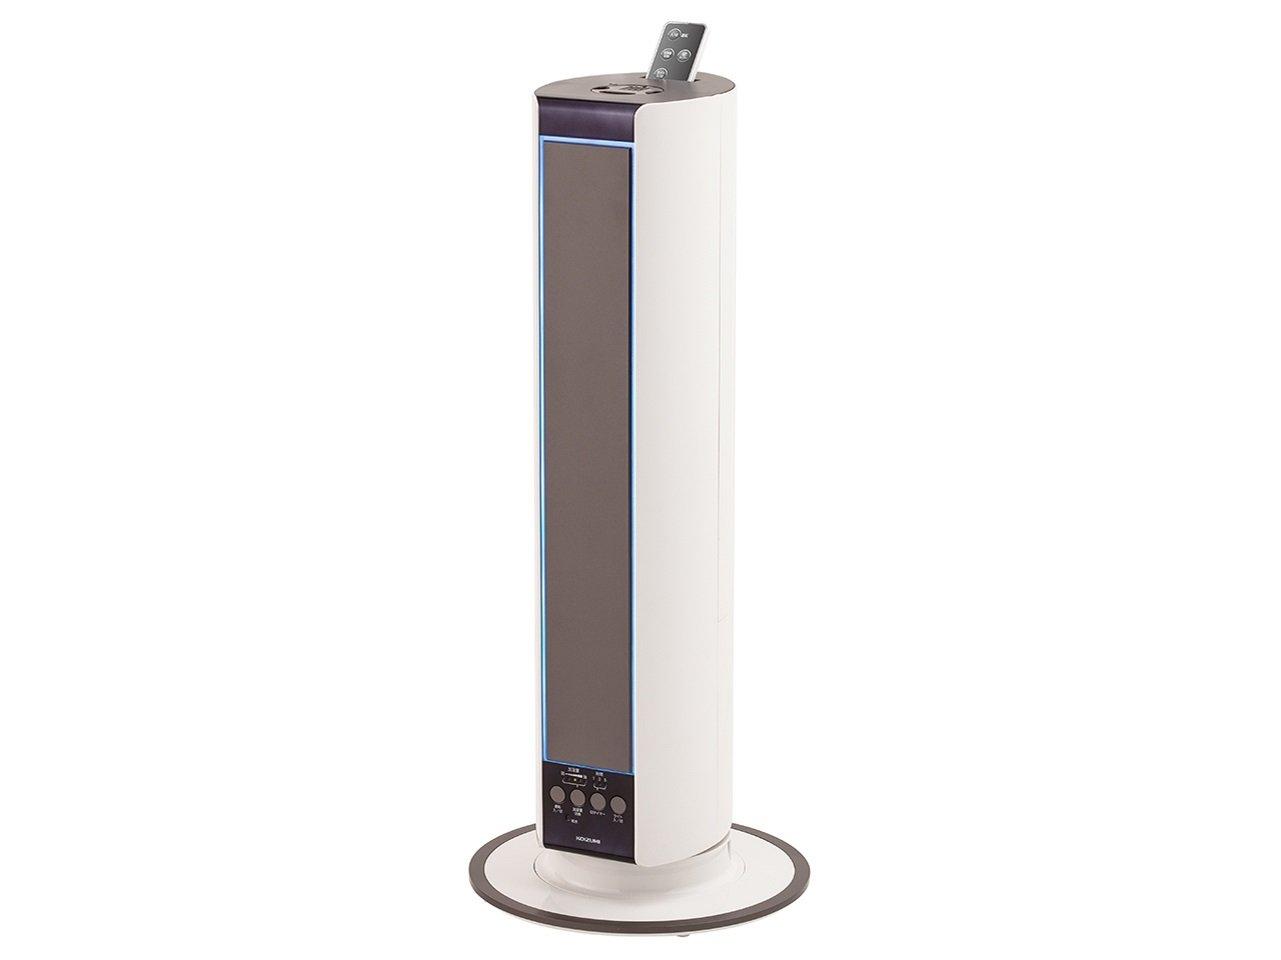 日本製 コイズミ KHM-4061/W 超音波式加湿器 B01LW58Z76 タワー型 アロマ対応 LEDイルミネーション付 ホワイト ホワイト KHM-4061/W B01LW58Z76, 大玉村:9f582f44 --- irlandskayaliteratura.org